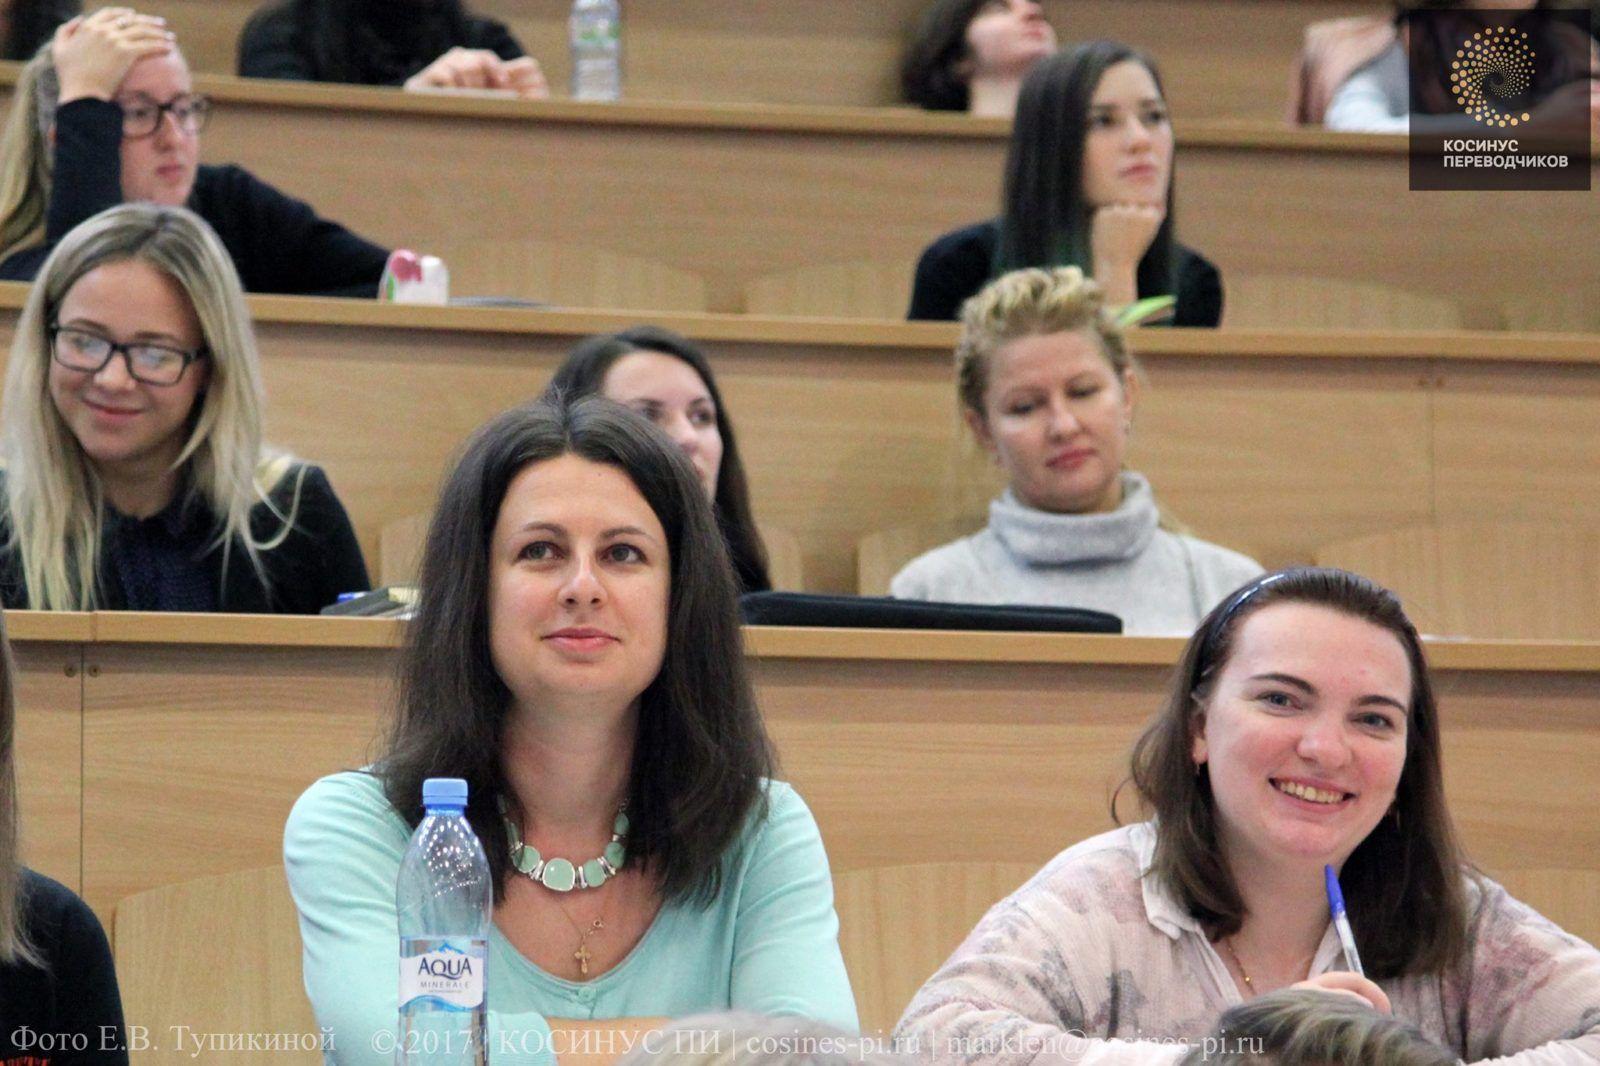 Косинус Пи: конференция/конкурс переводчиков